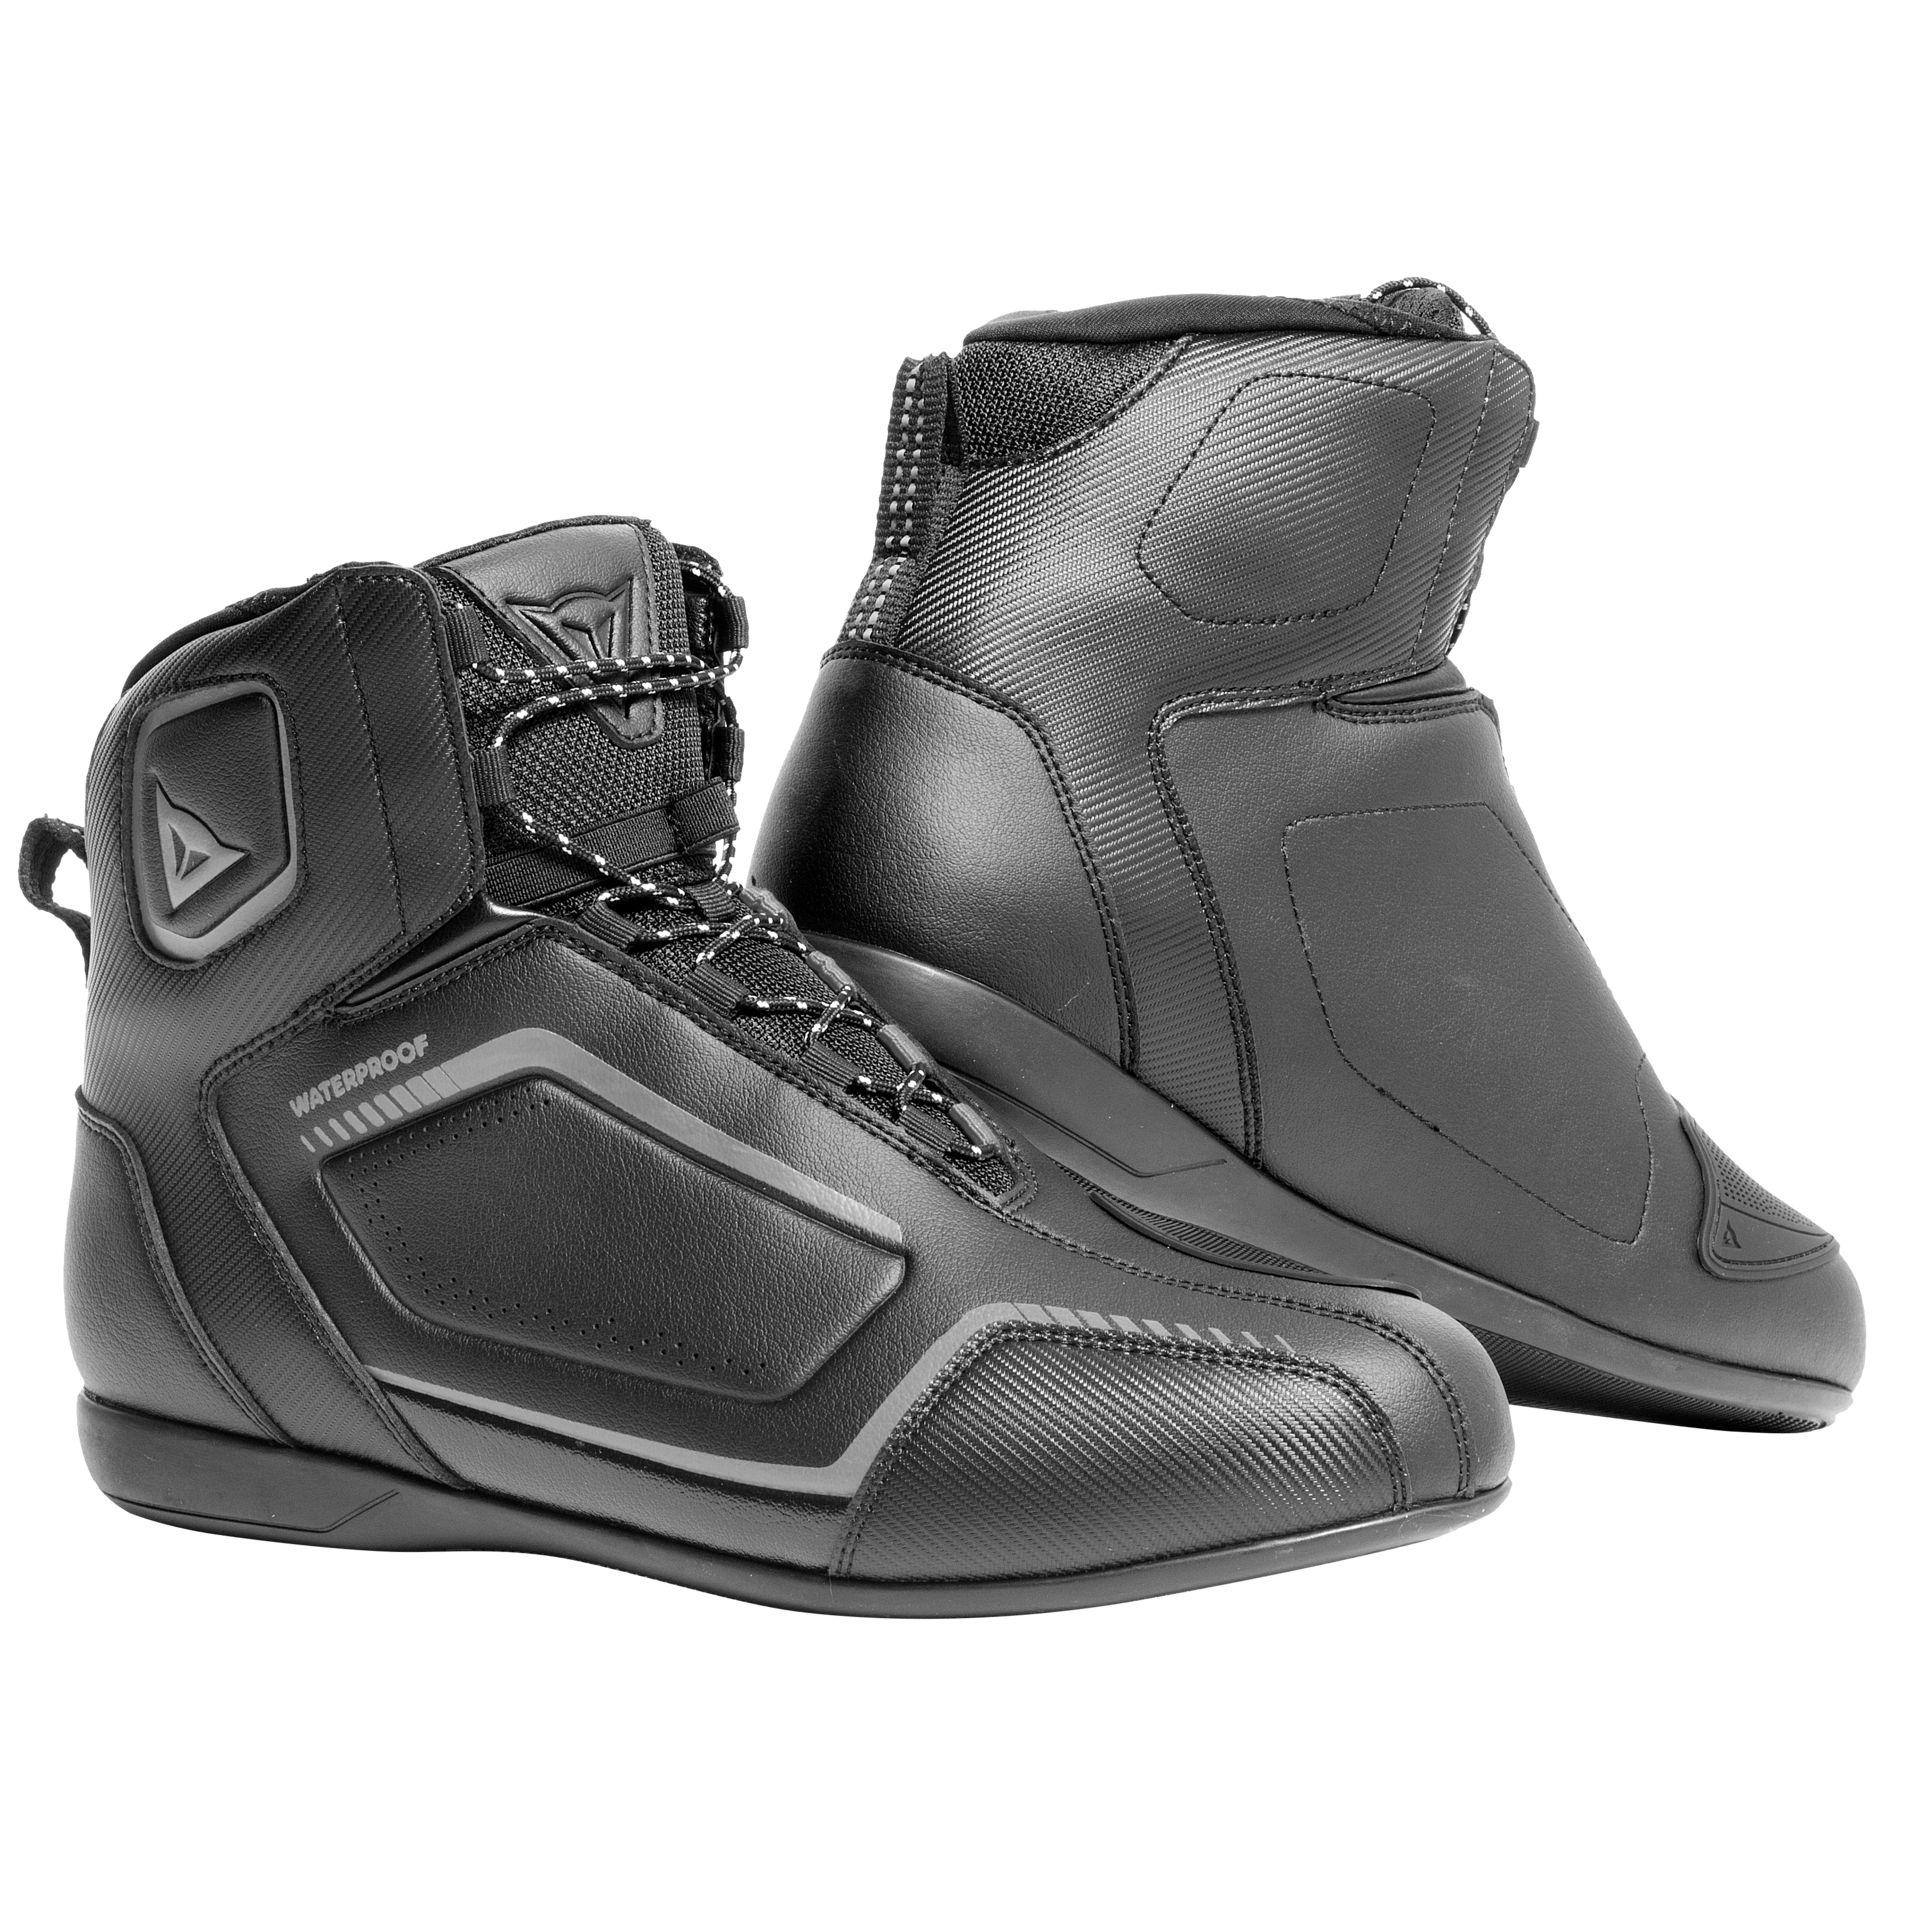 7c62e0e2a1b5 D WP Bottes bottes chaussures Demi Dainese et RAPTORS tBw6xTnqUT